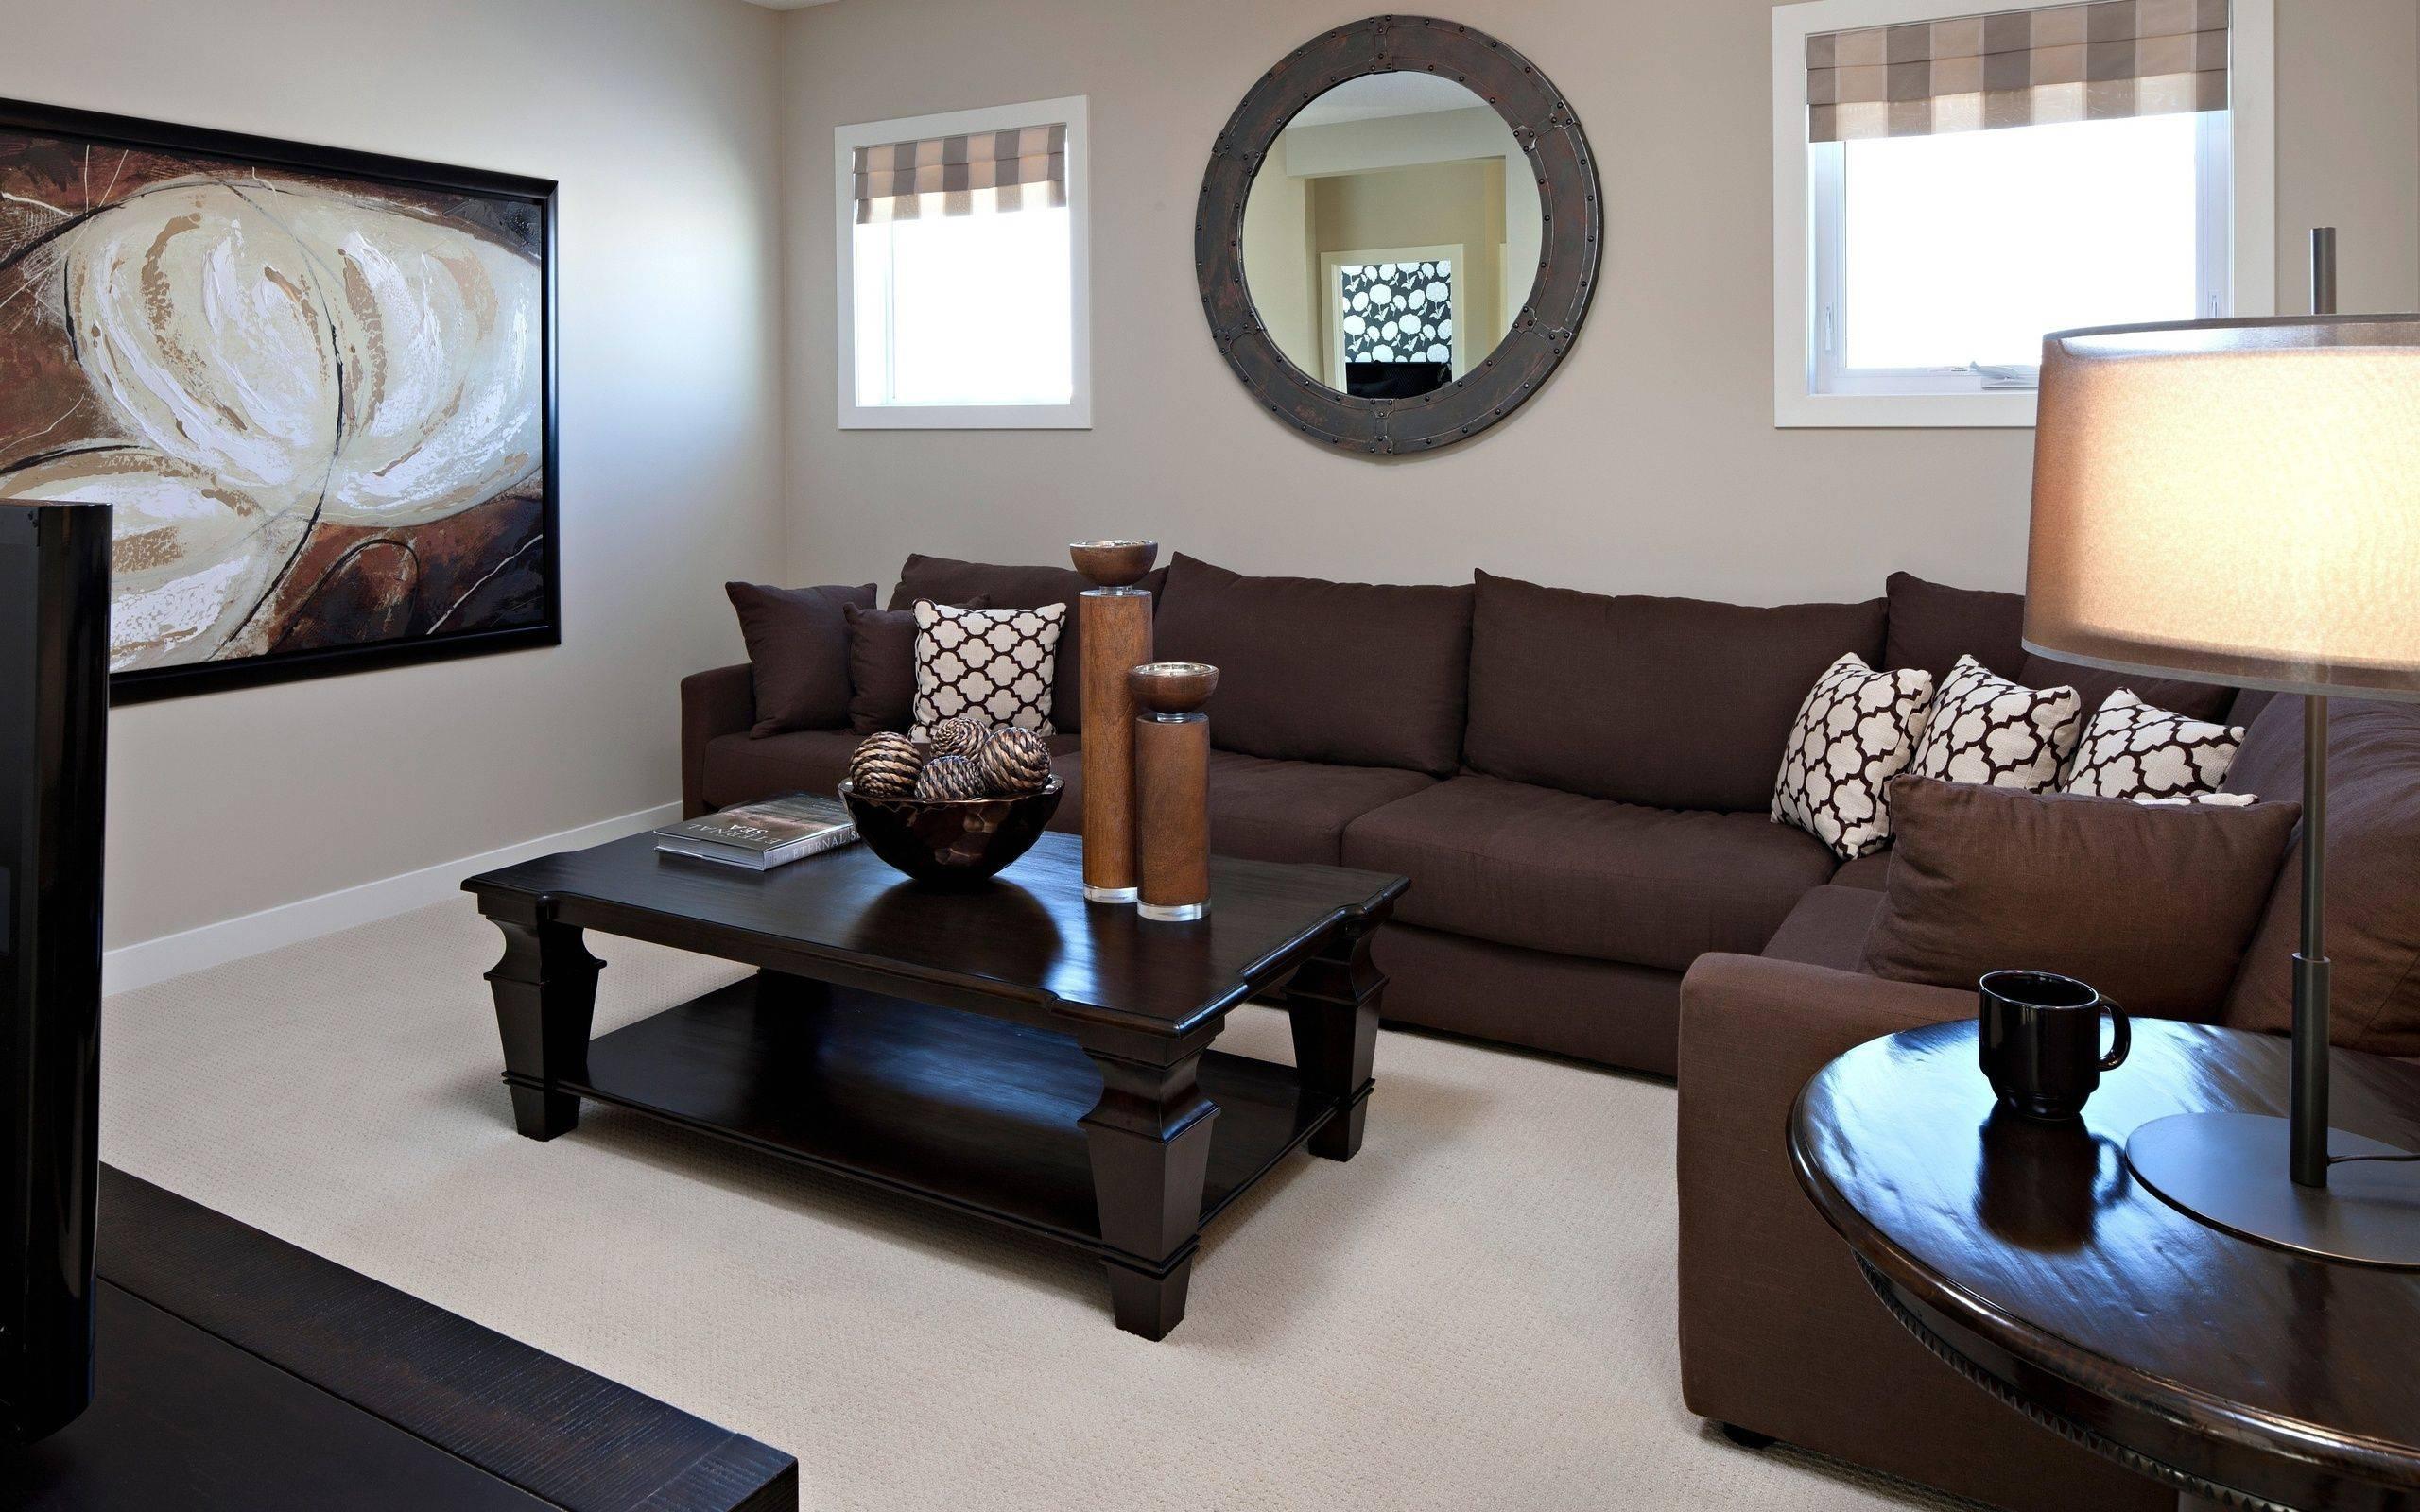 Сочетание цветов в интерьере гостиной (59 фото): оформление зала в коричневых и в сиреневых тонах, комбинации зеленового и бежевого цвета стен